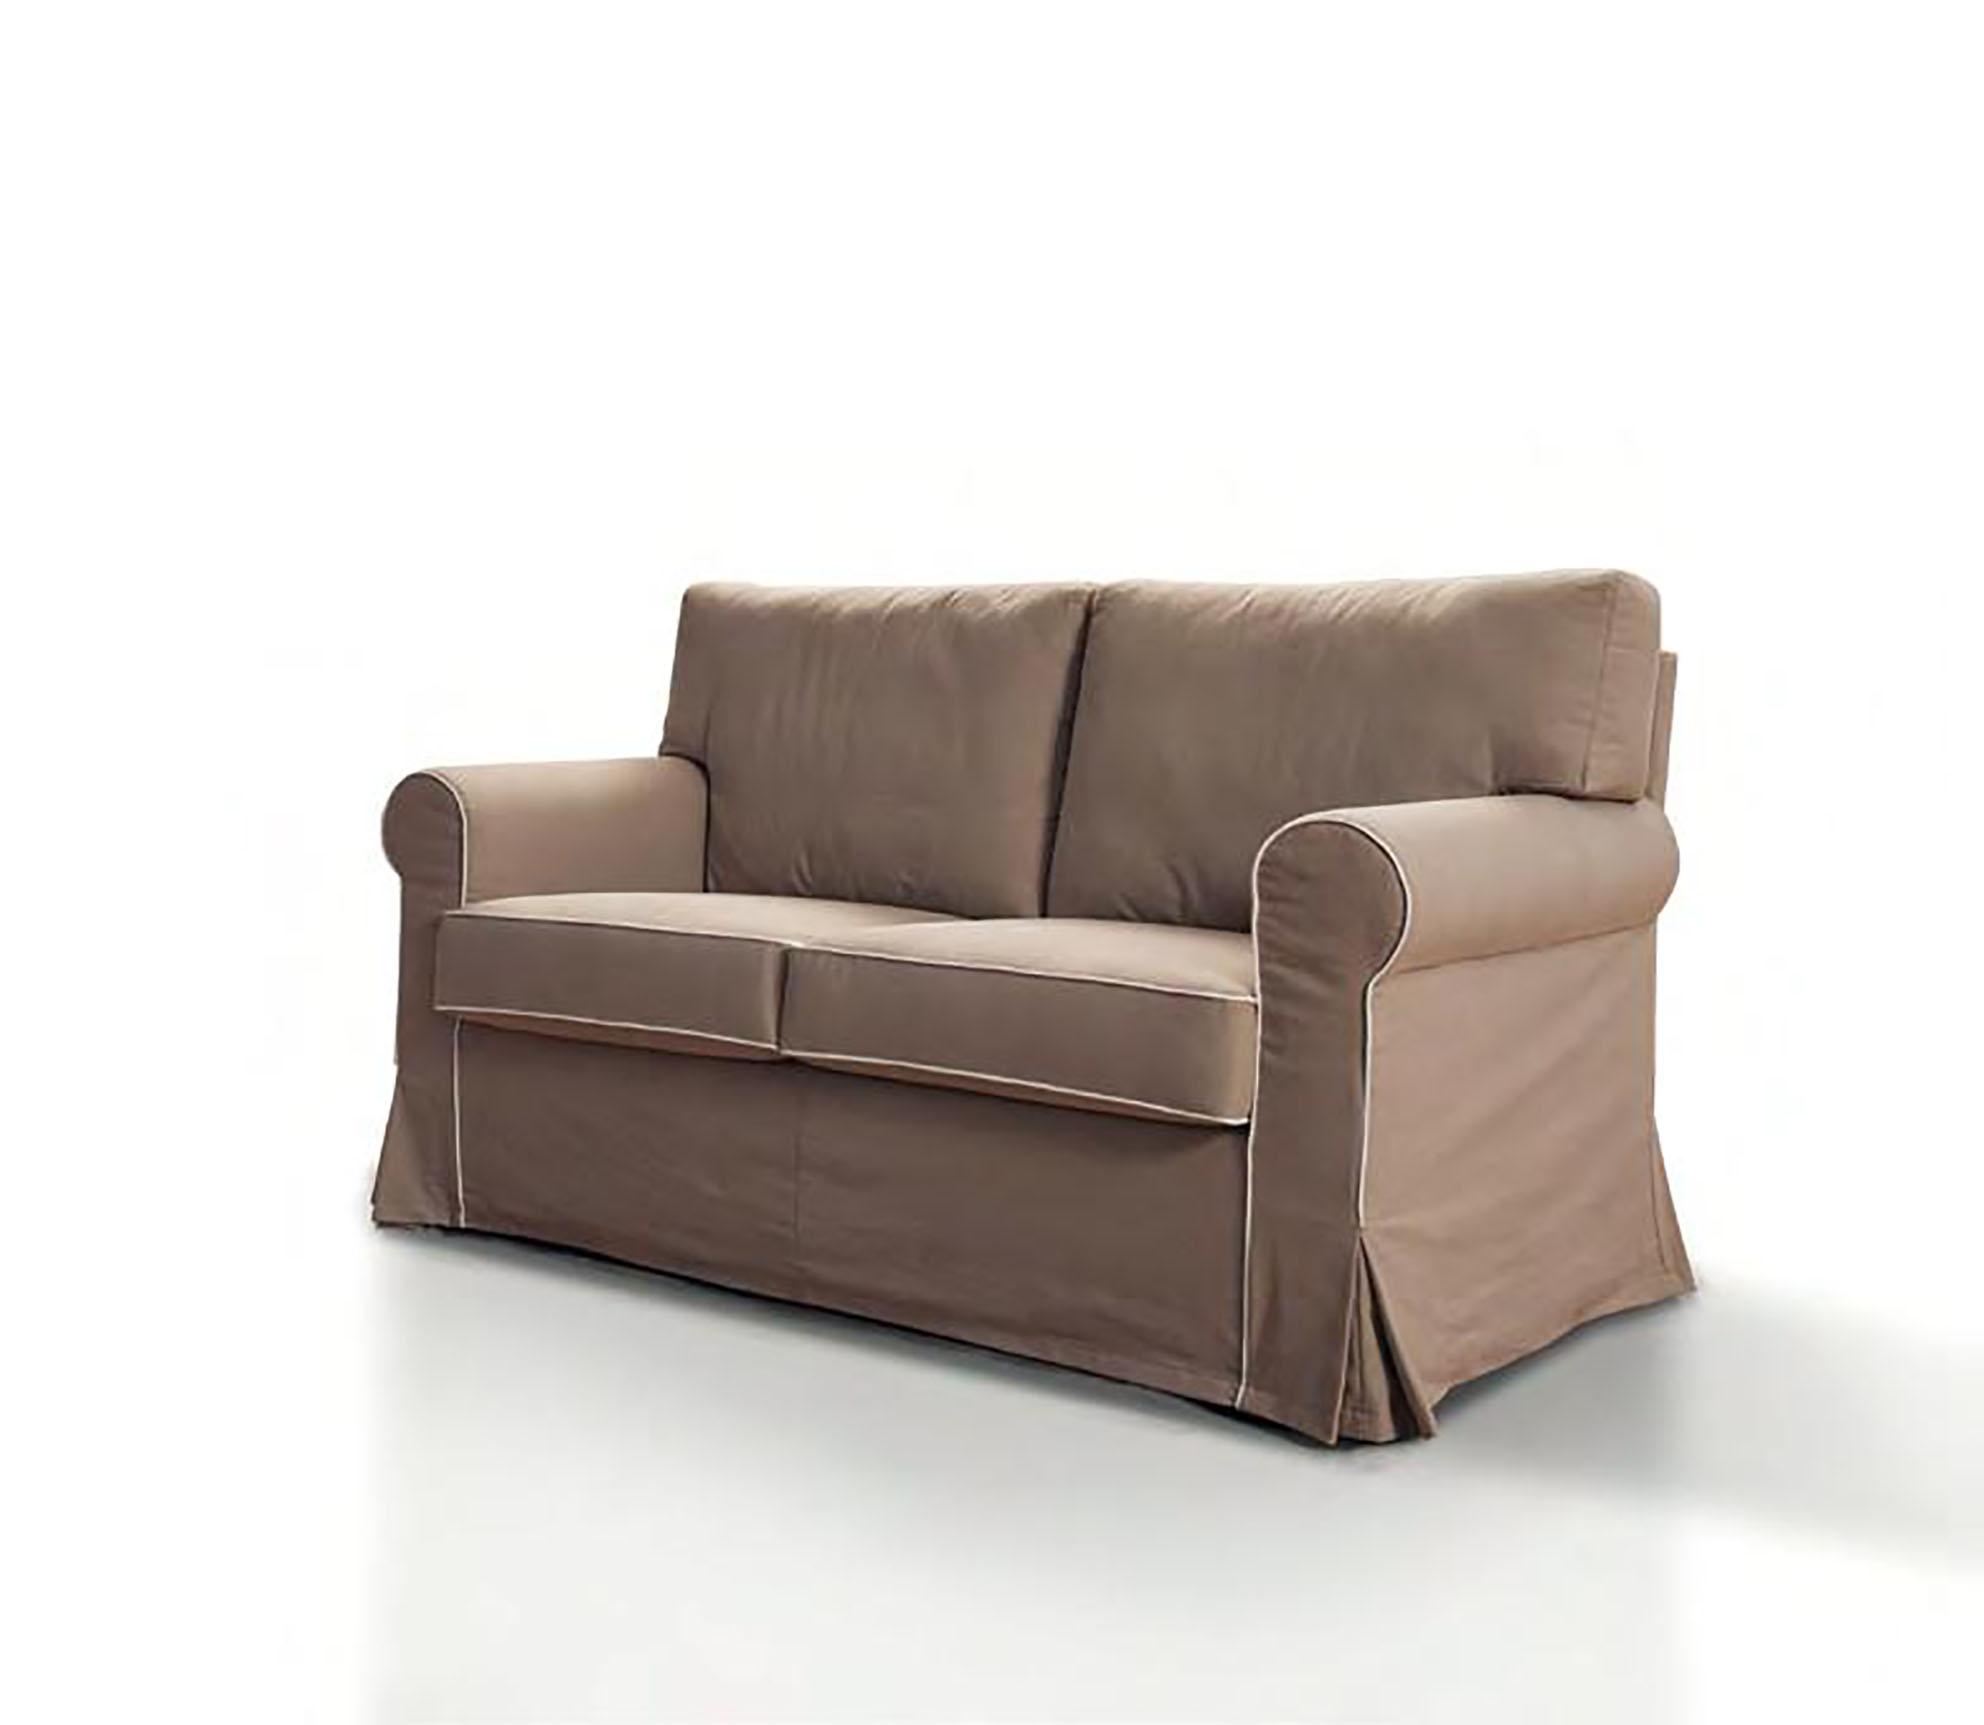 Divano con chaise longue in tessuto modello vintage errebi - Divano due posti con chaise longue ...